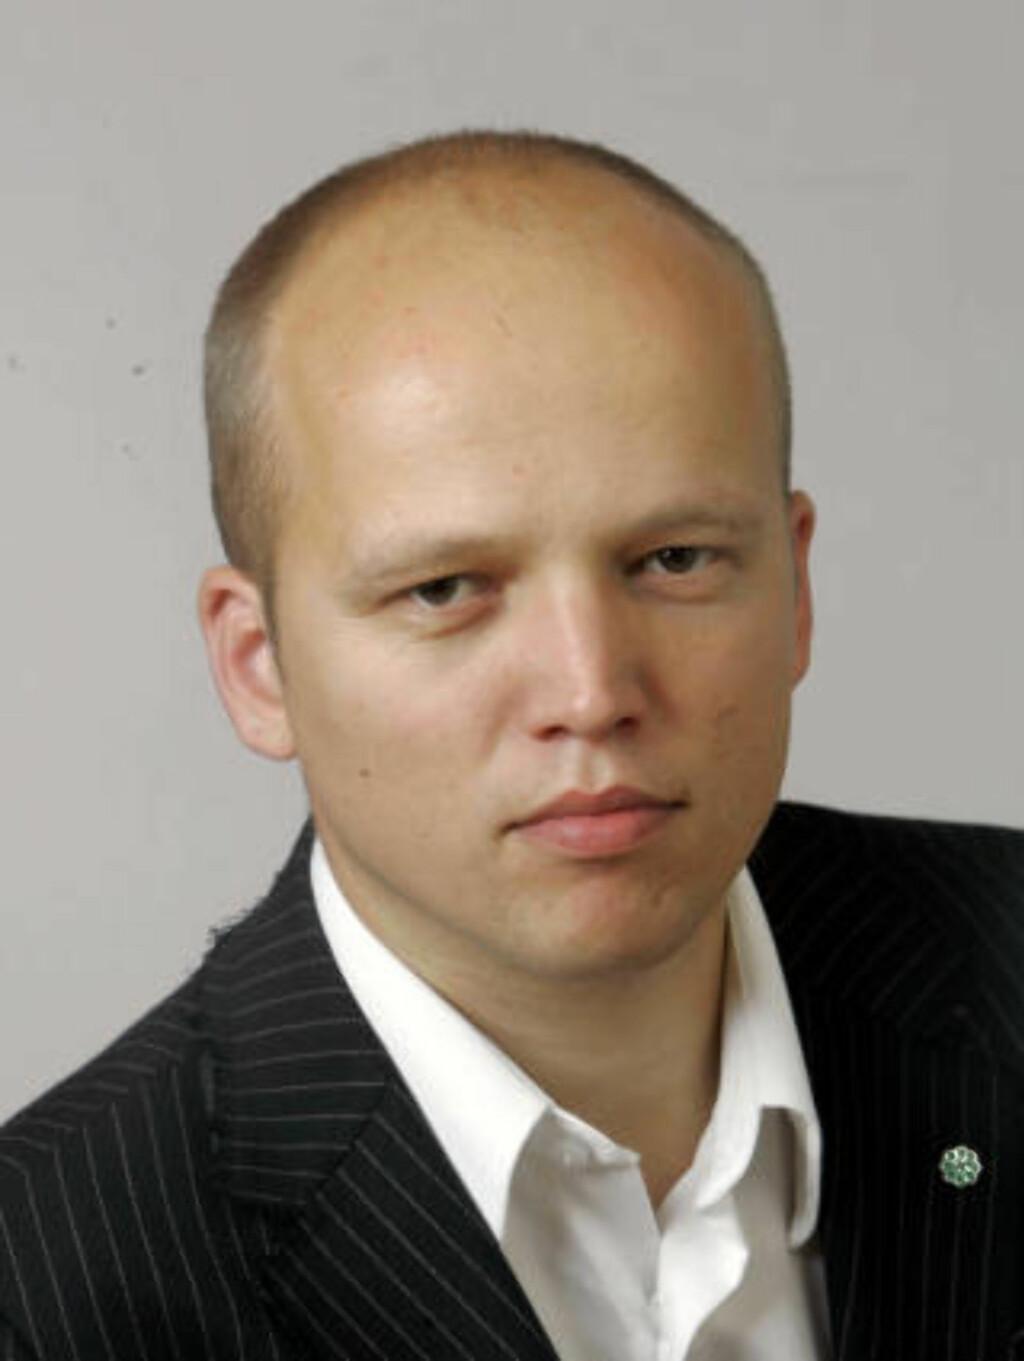 KRITISK: Senterpartiets parlamentariske leder Trygve M. Slagsvold Vedum (SP) mener Dagbladet burde latt være å trykke Muhammed-tegningen 3. februar. Foto: Knut Falch/ SCANPIX